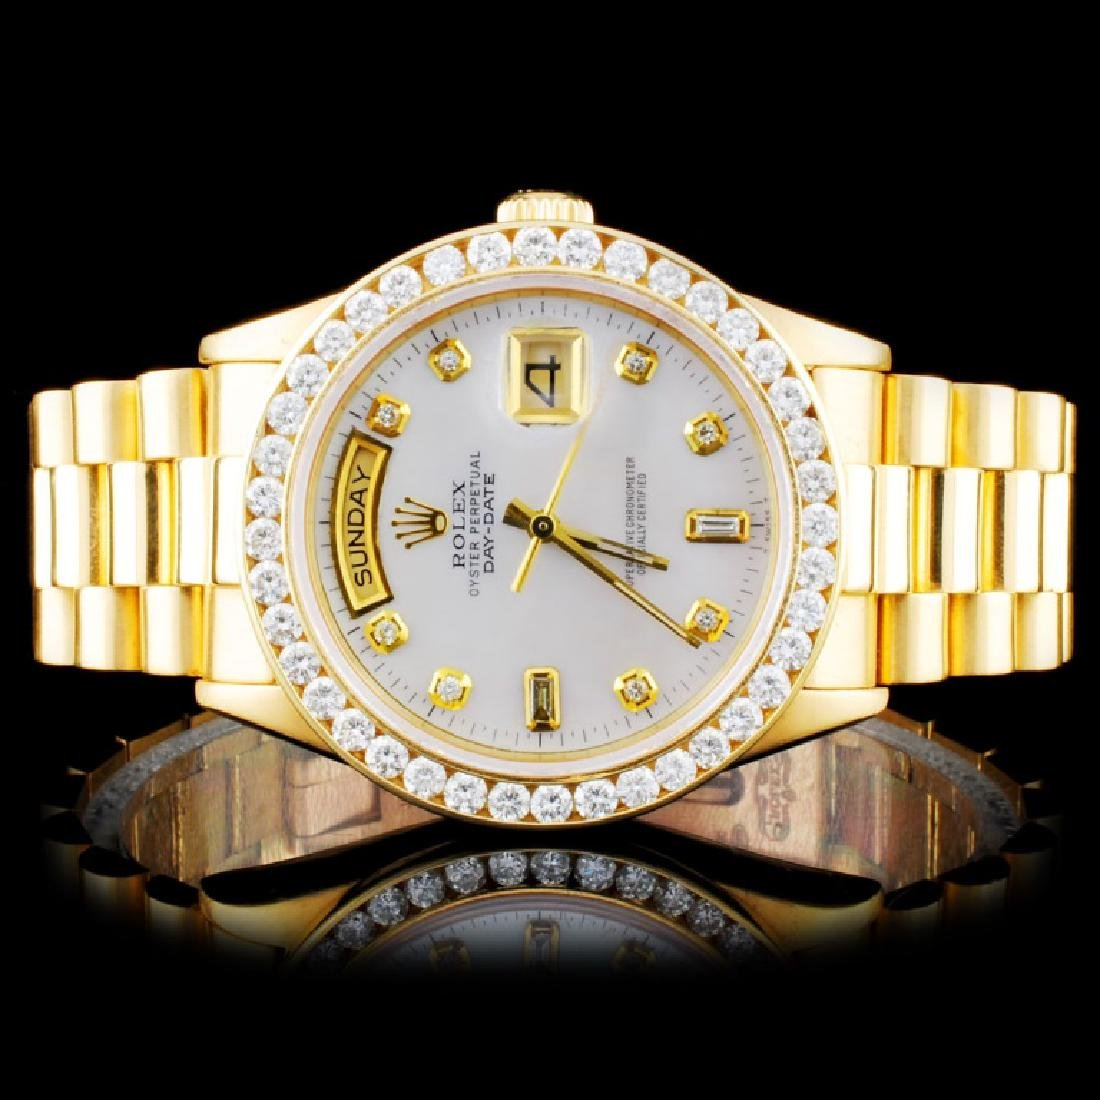 Rolex 18K YG Presidential Diamond Wristwatc